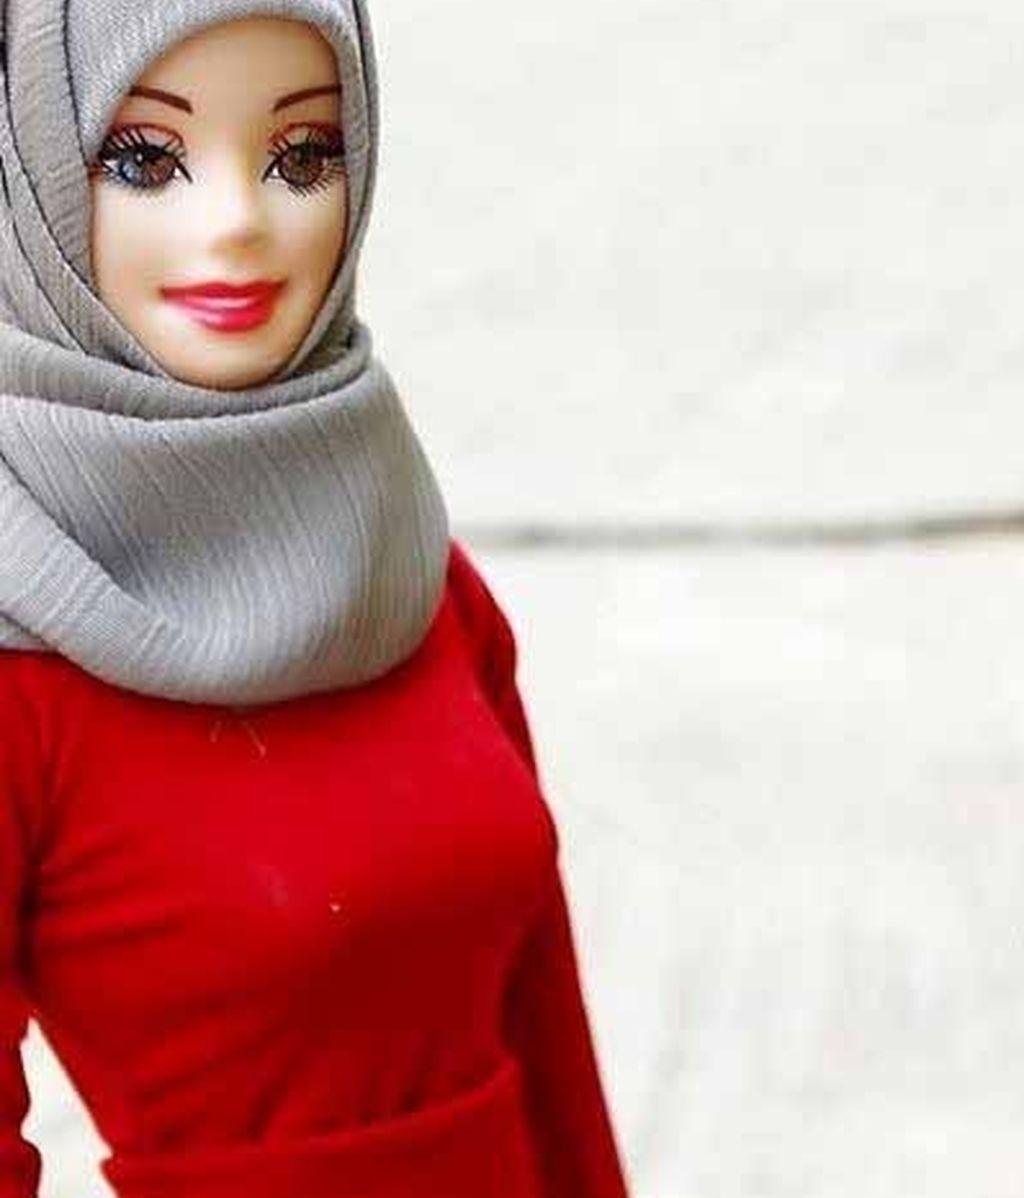 La cuenta de Instagram Hijarbie ha popularizado esta muñeca